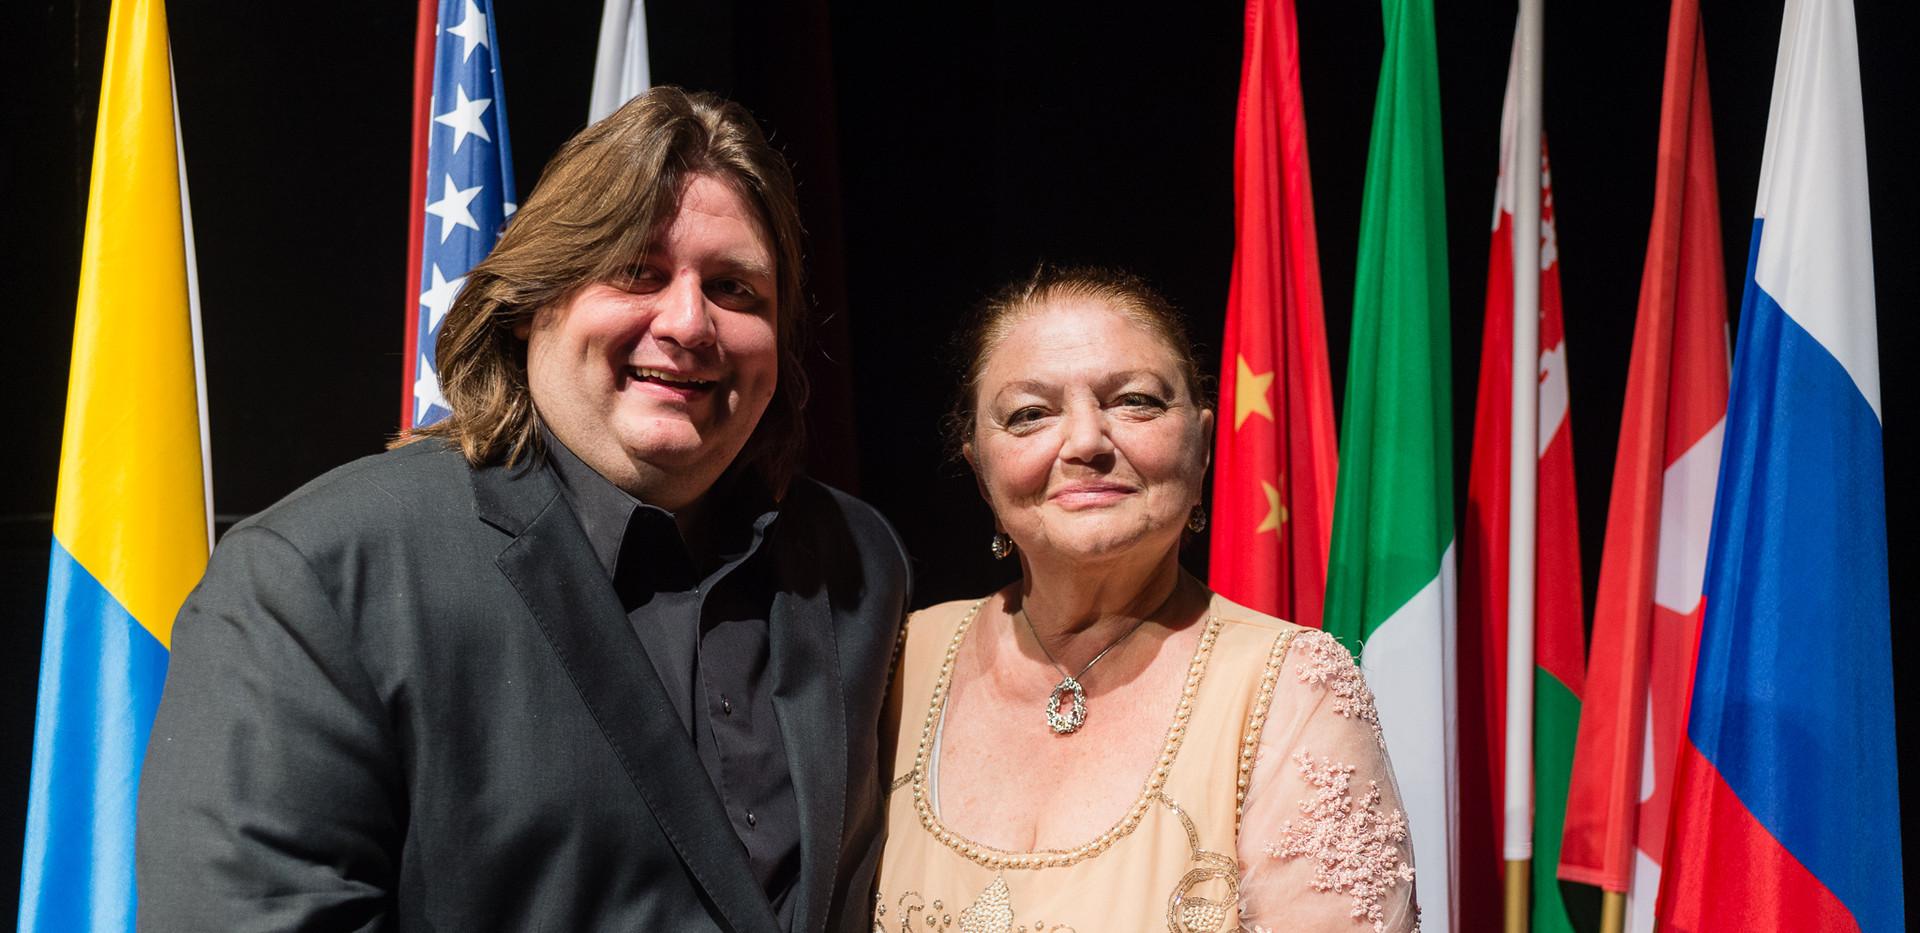 Krystian Tkaczewski i Oxana Yablonskaya